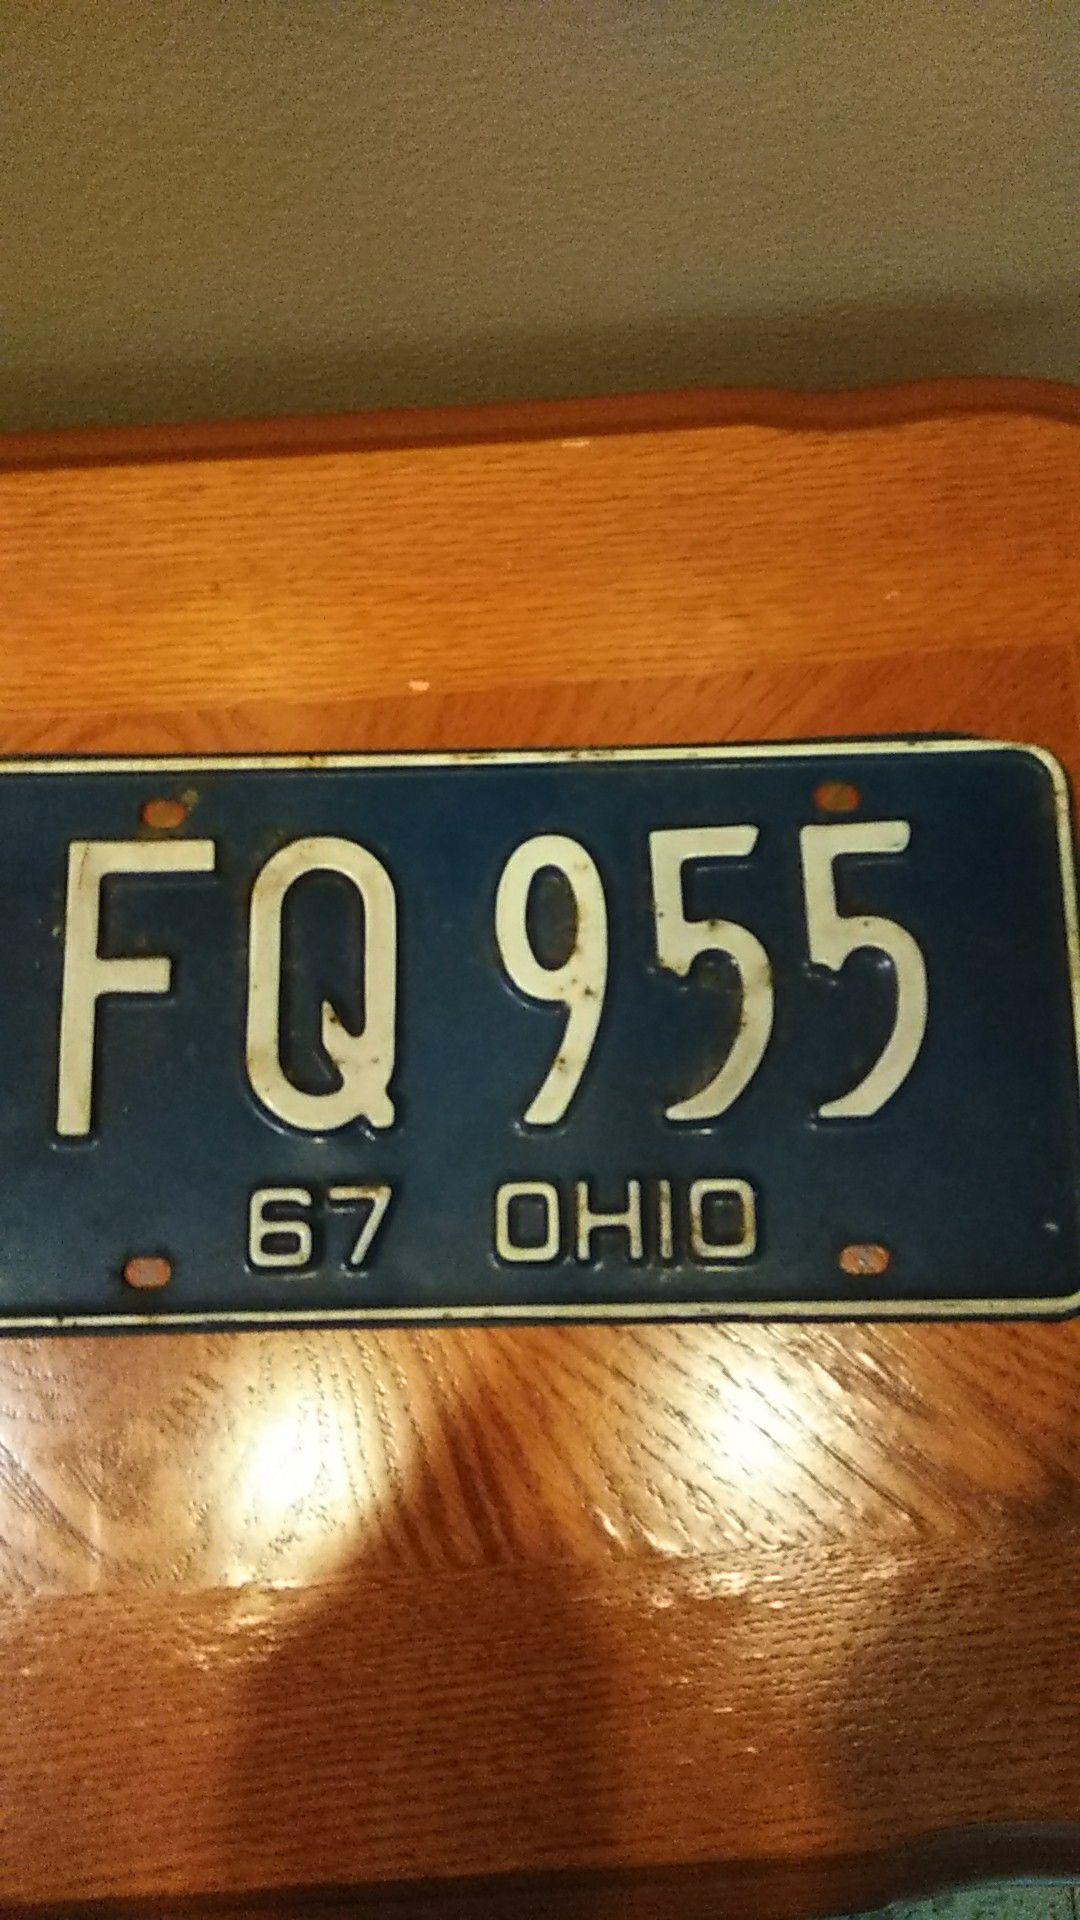 Vintage Ohio plate